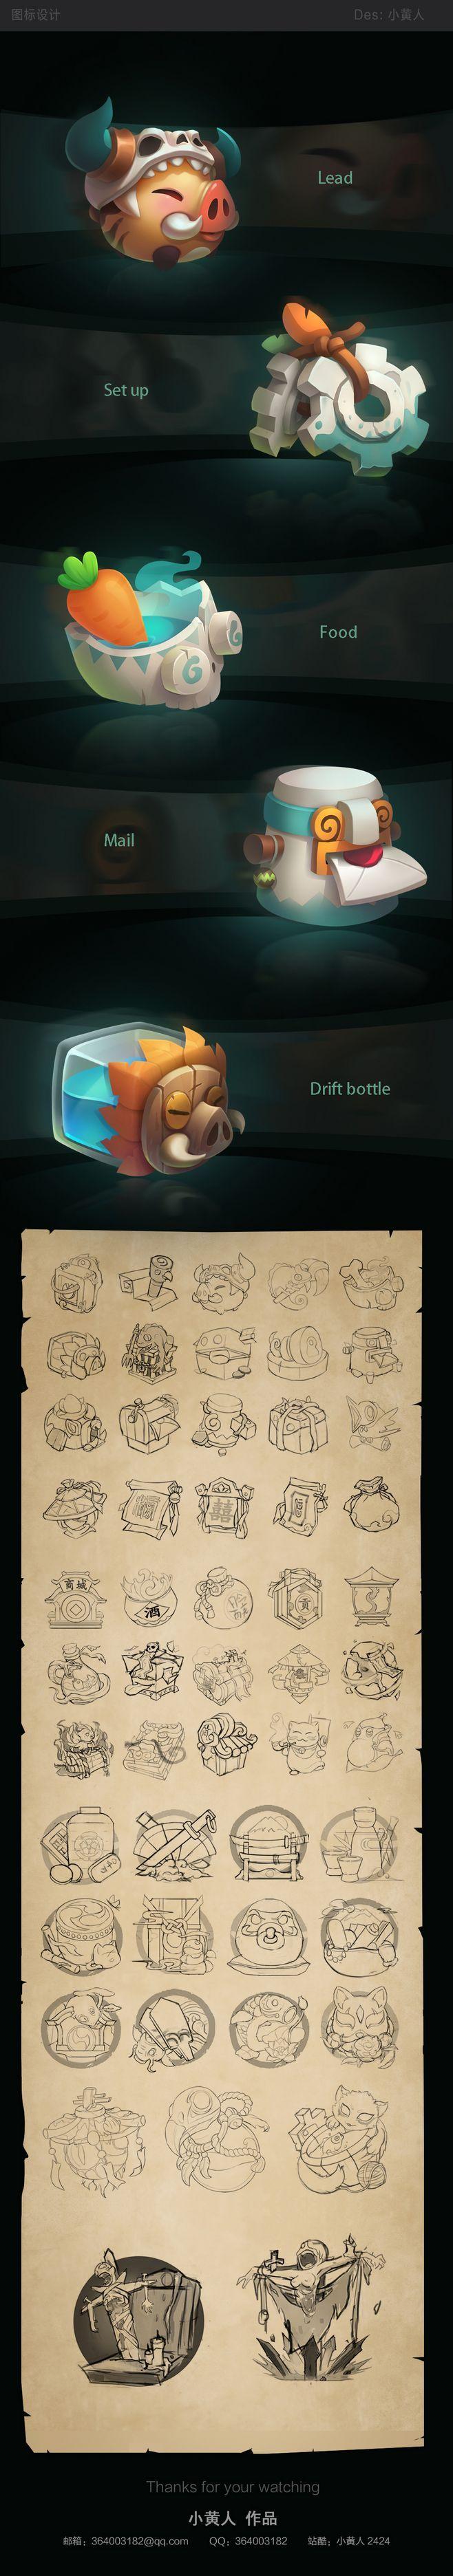 游戏图标练习 UI 游戏UI 小黄人24...